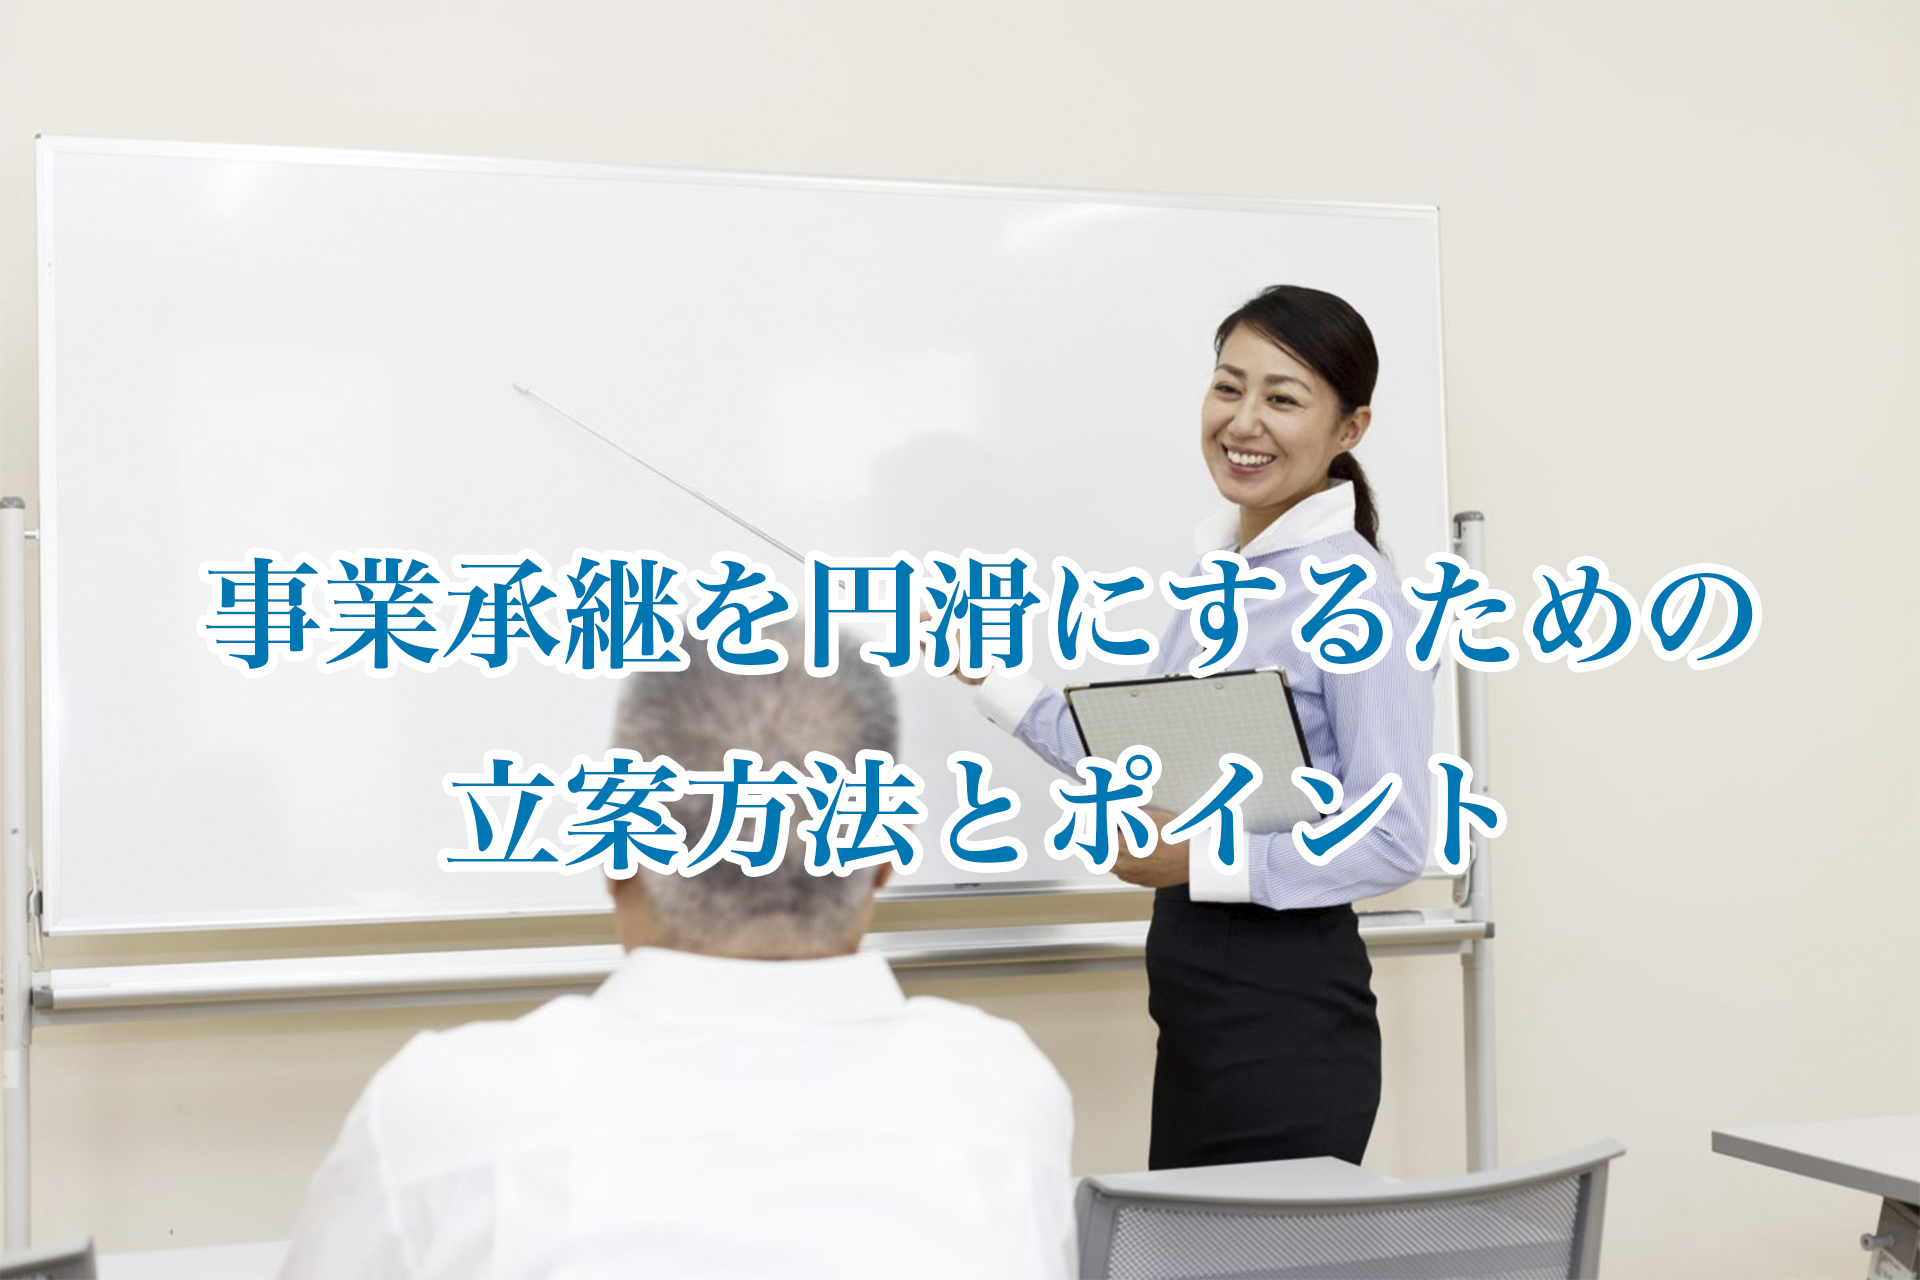 事業継承の立案方法とポイントを説明するイメージ画像